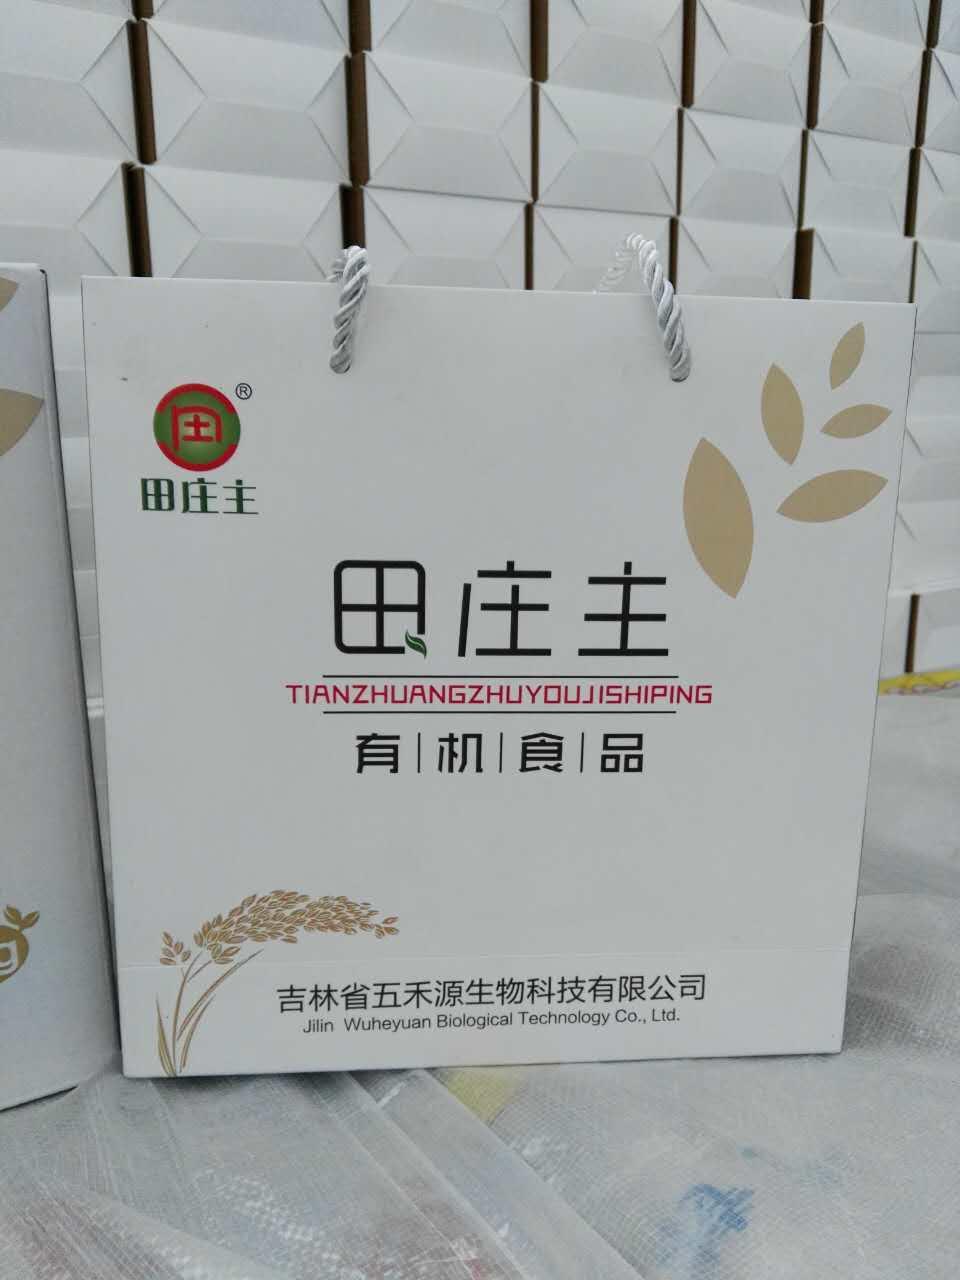 田庄主有机大米 1kg真空包装 选用非转基因稻谷品种 绿色安全放心产品